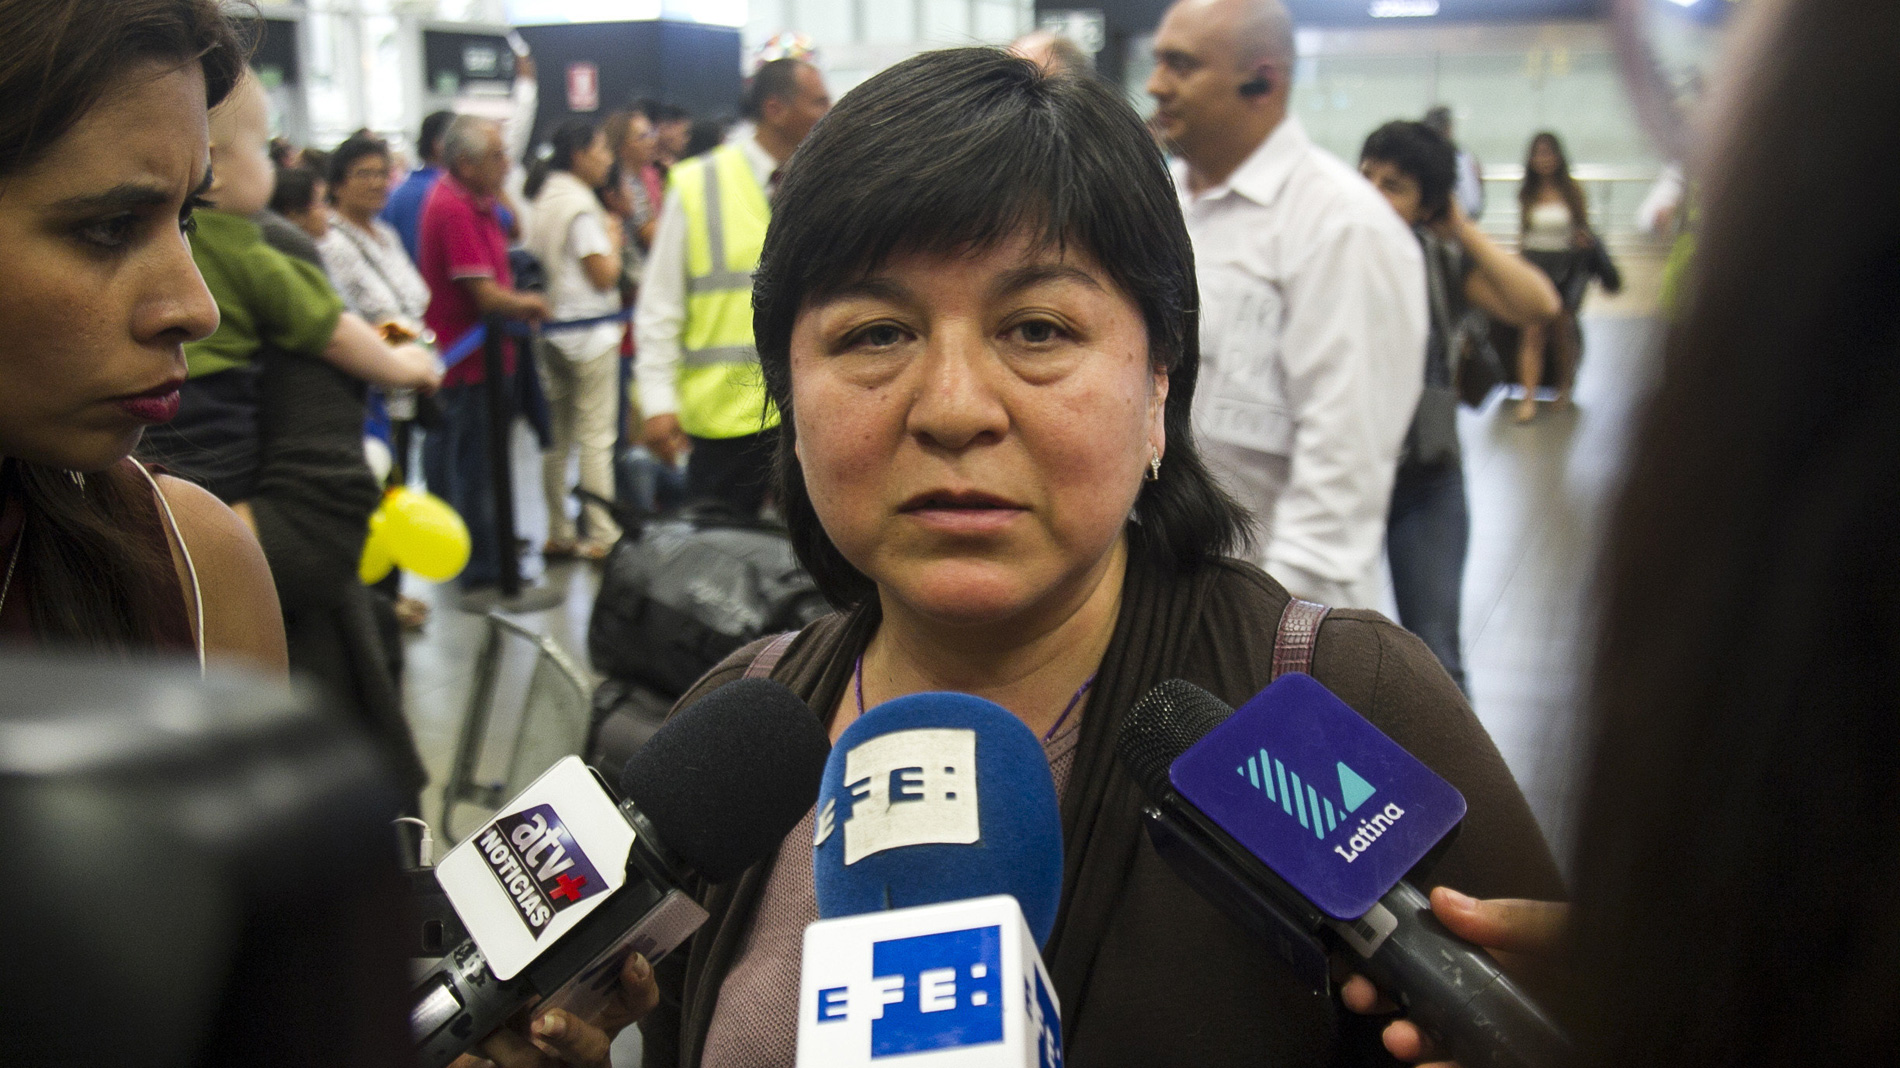 La familia de Nathaly Salazar pone en duda la versión de que murió en un accidente